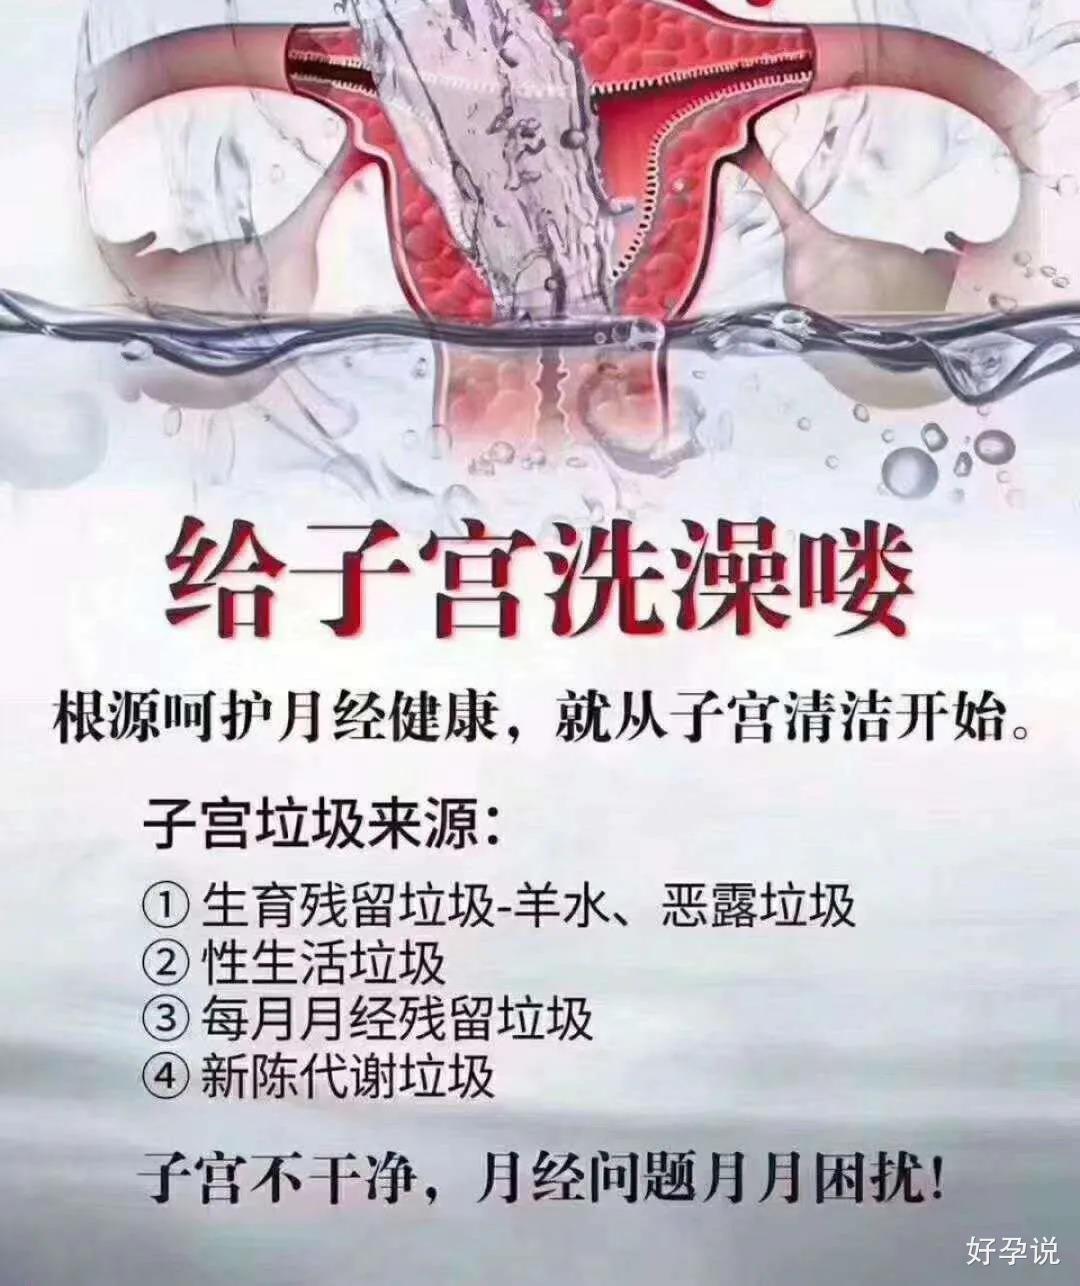 中国女人的子宫,究竟有多脏?!插图